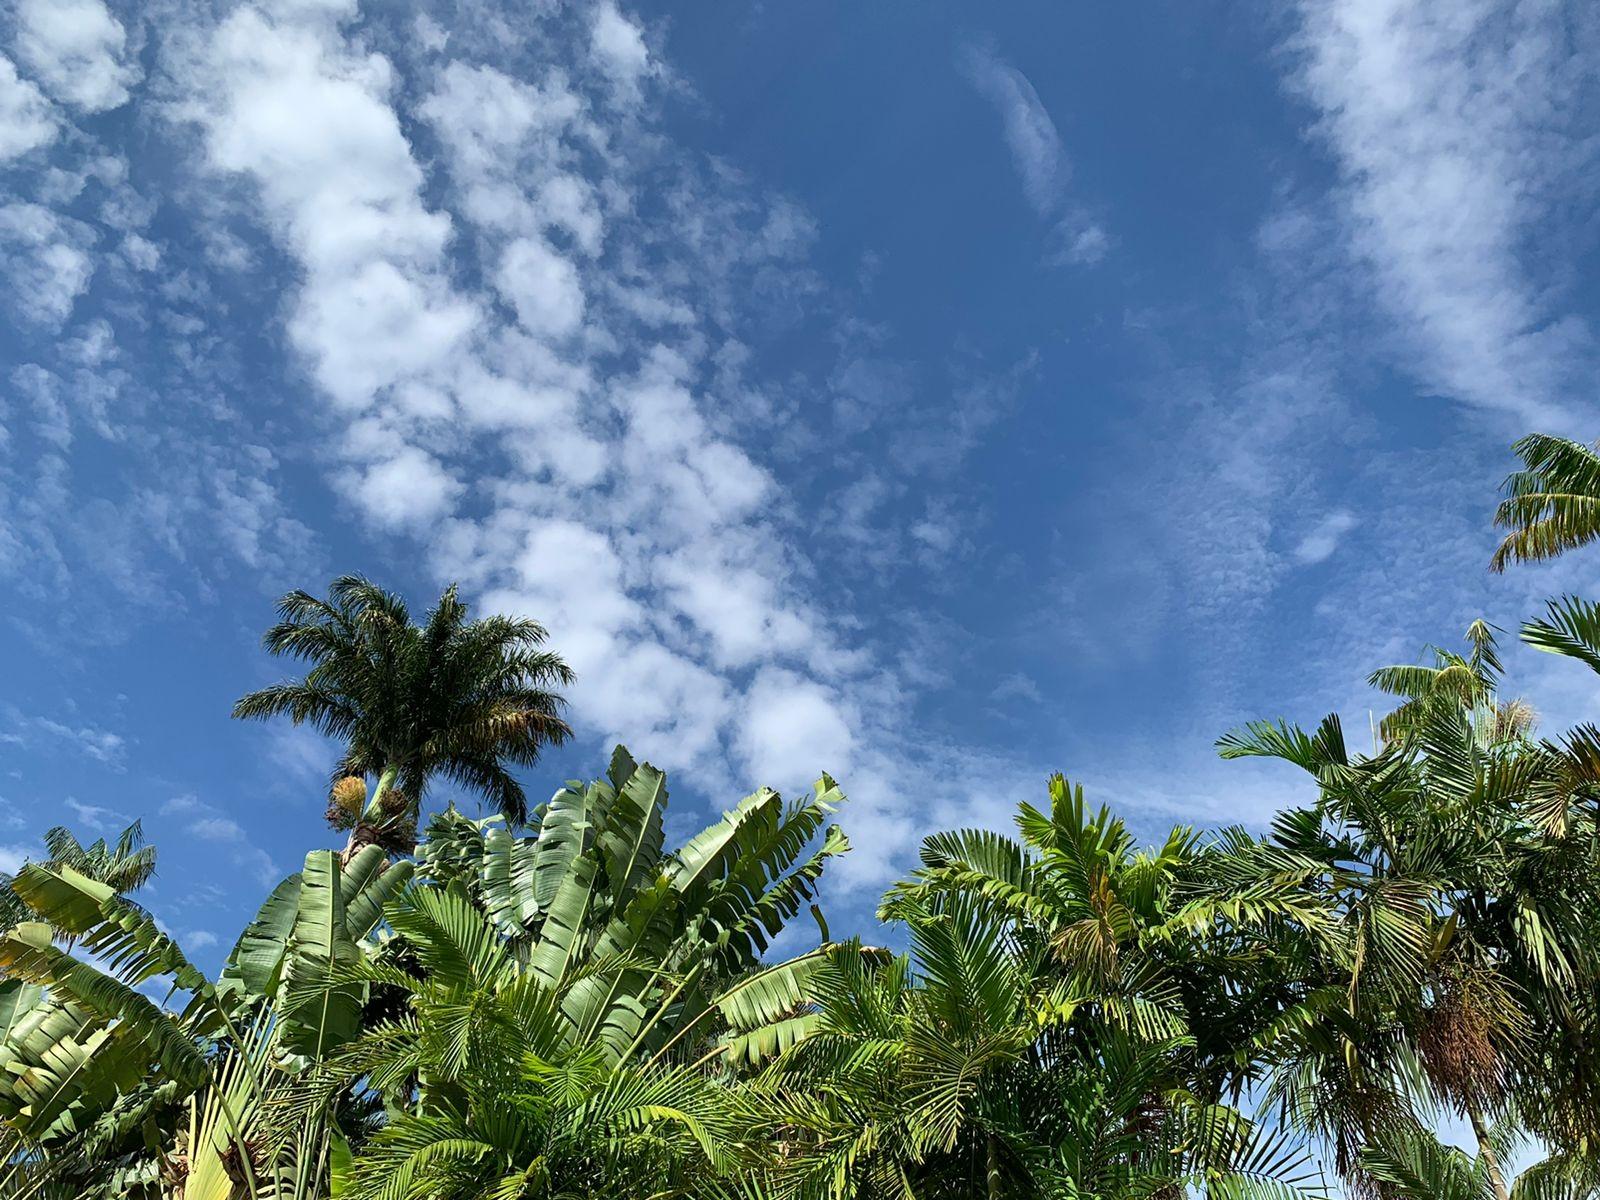 Volta do calor: máximas acima dos 30°C e baixa nebulosidade devem marcar o fim de semana do Triângulo e Alto Paranaíba